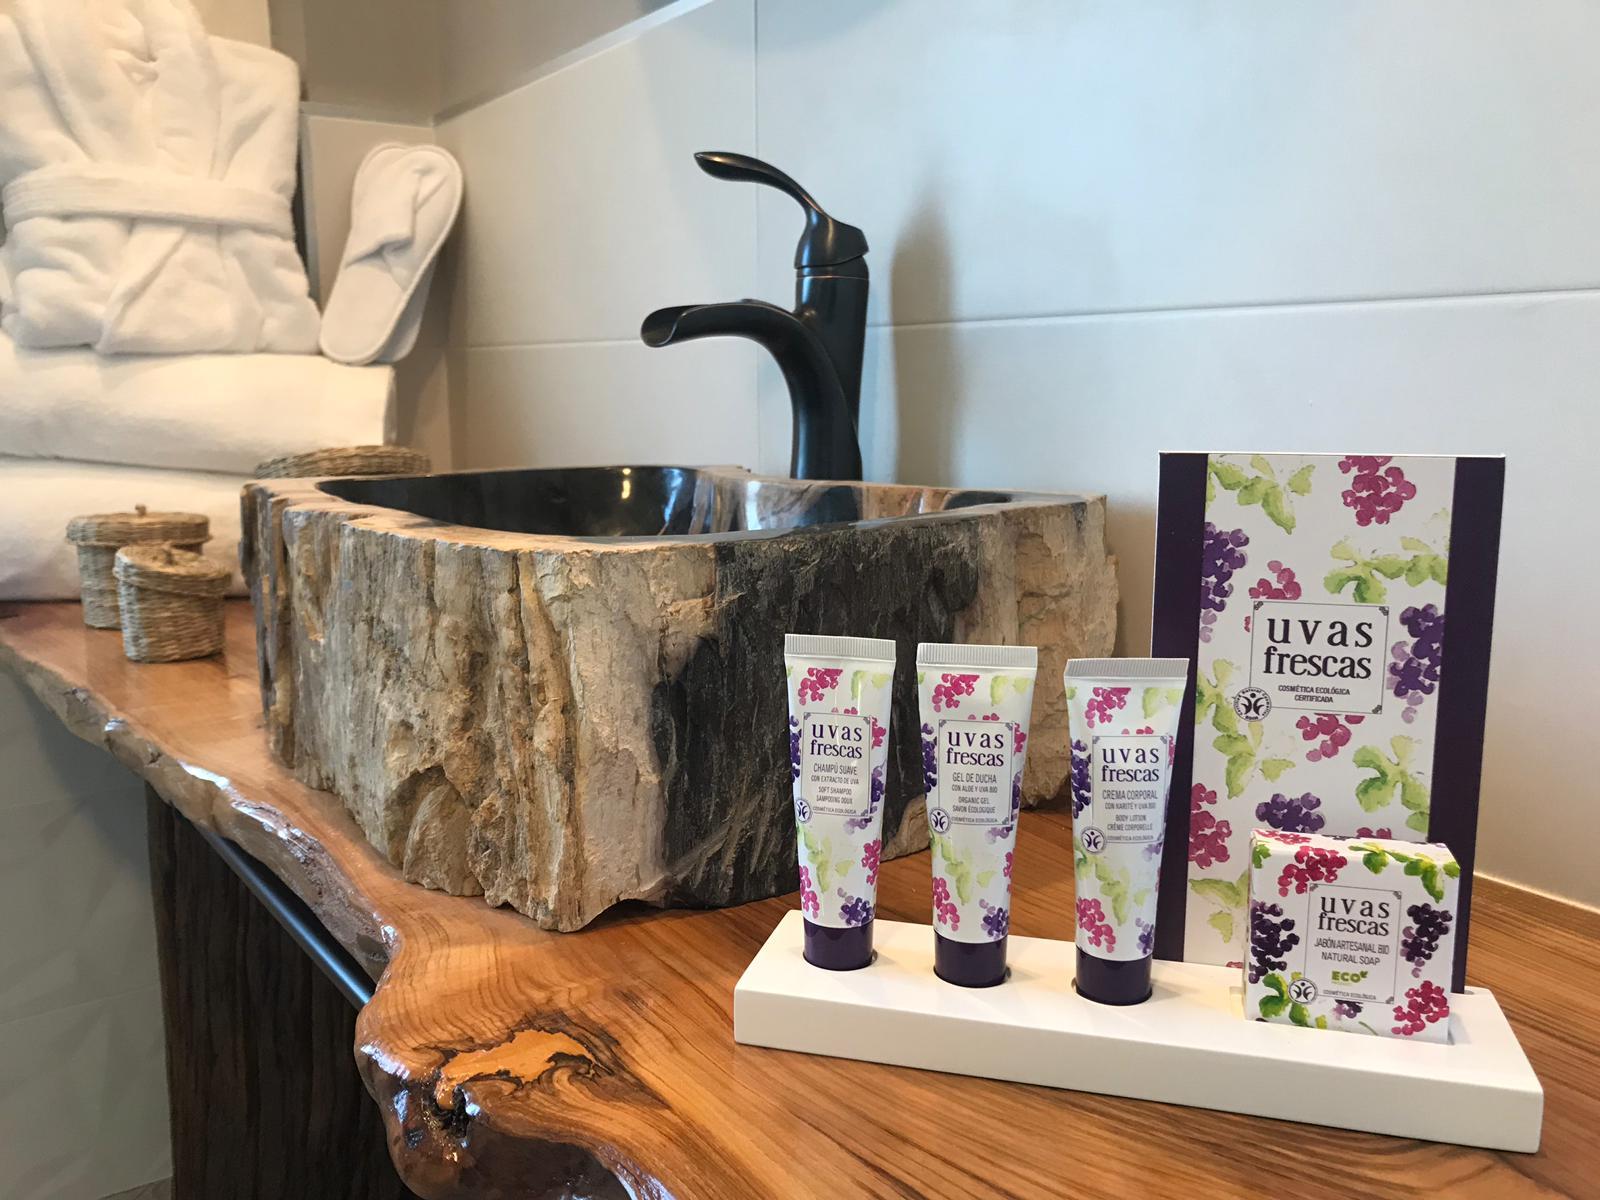 Los productos de Uvas Frescas en una de las habitaciones de nuestro hotel